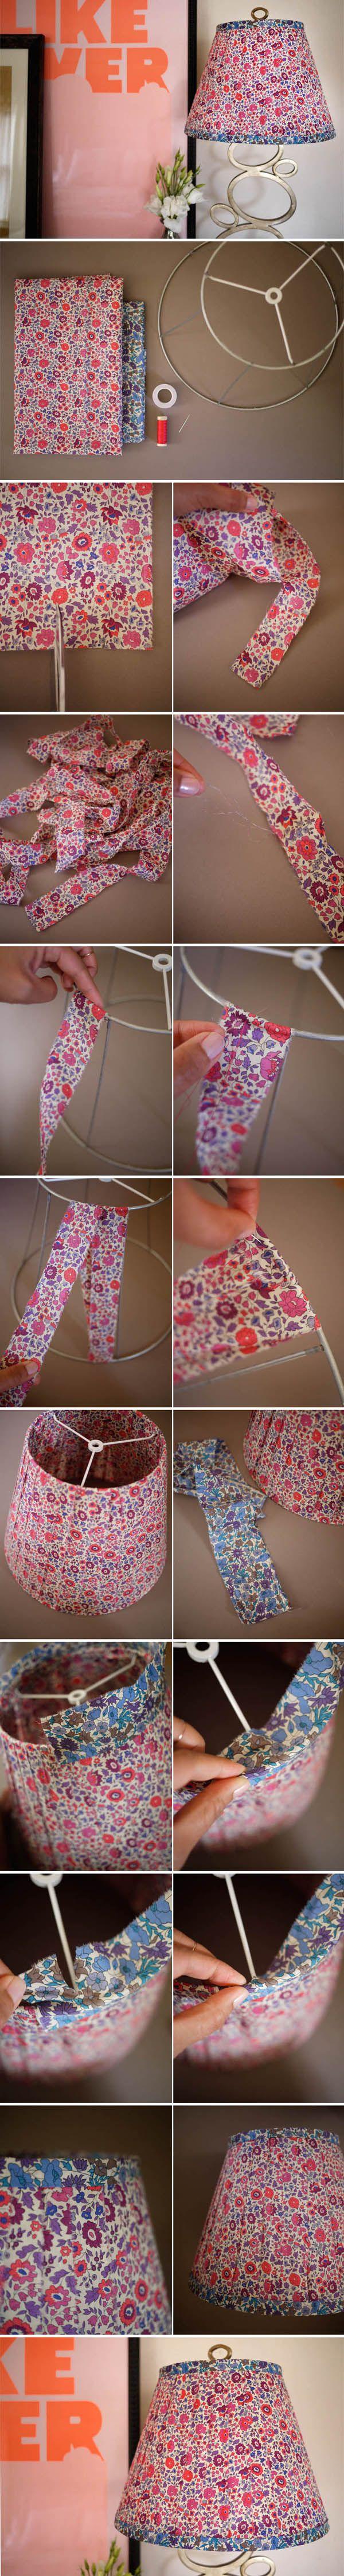 Lámpara DIY con tela estampada / http://honestlywtf.com/